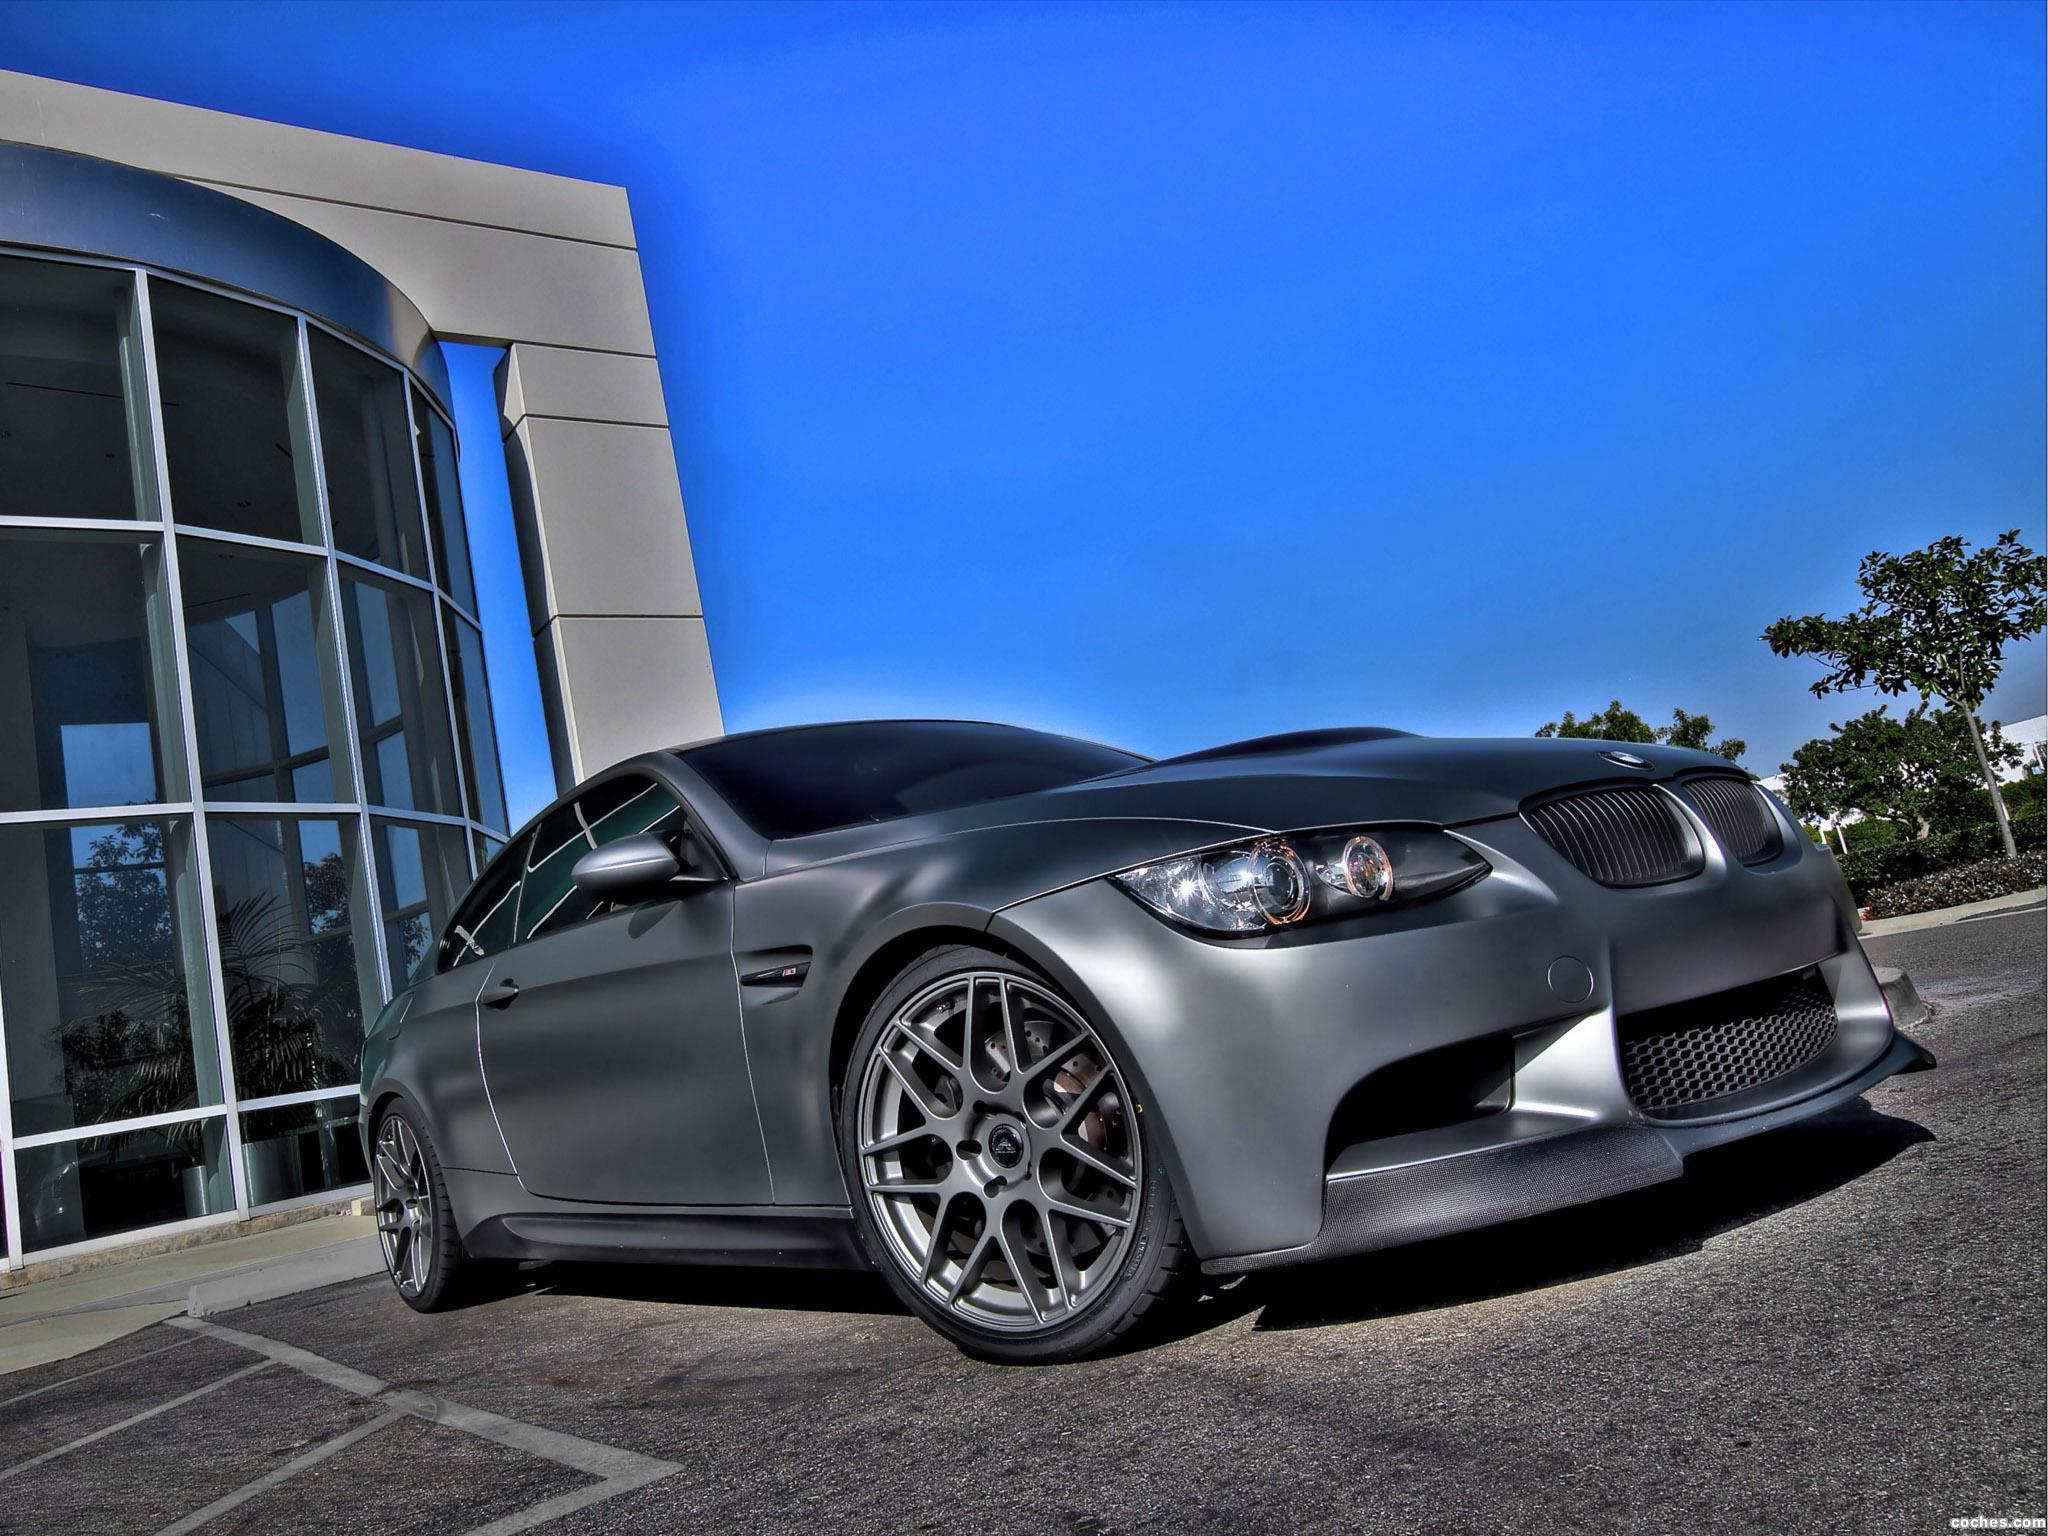 Foto 0 de BMW M3 GTS3 Aerodynamic Kit vorsteiner 2009